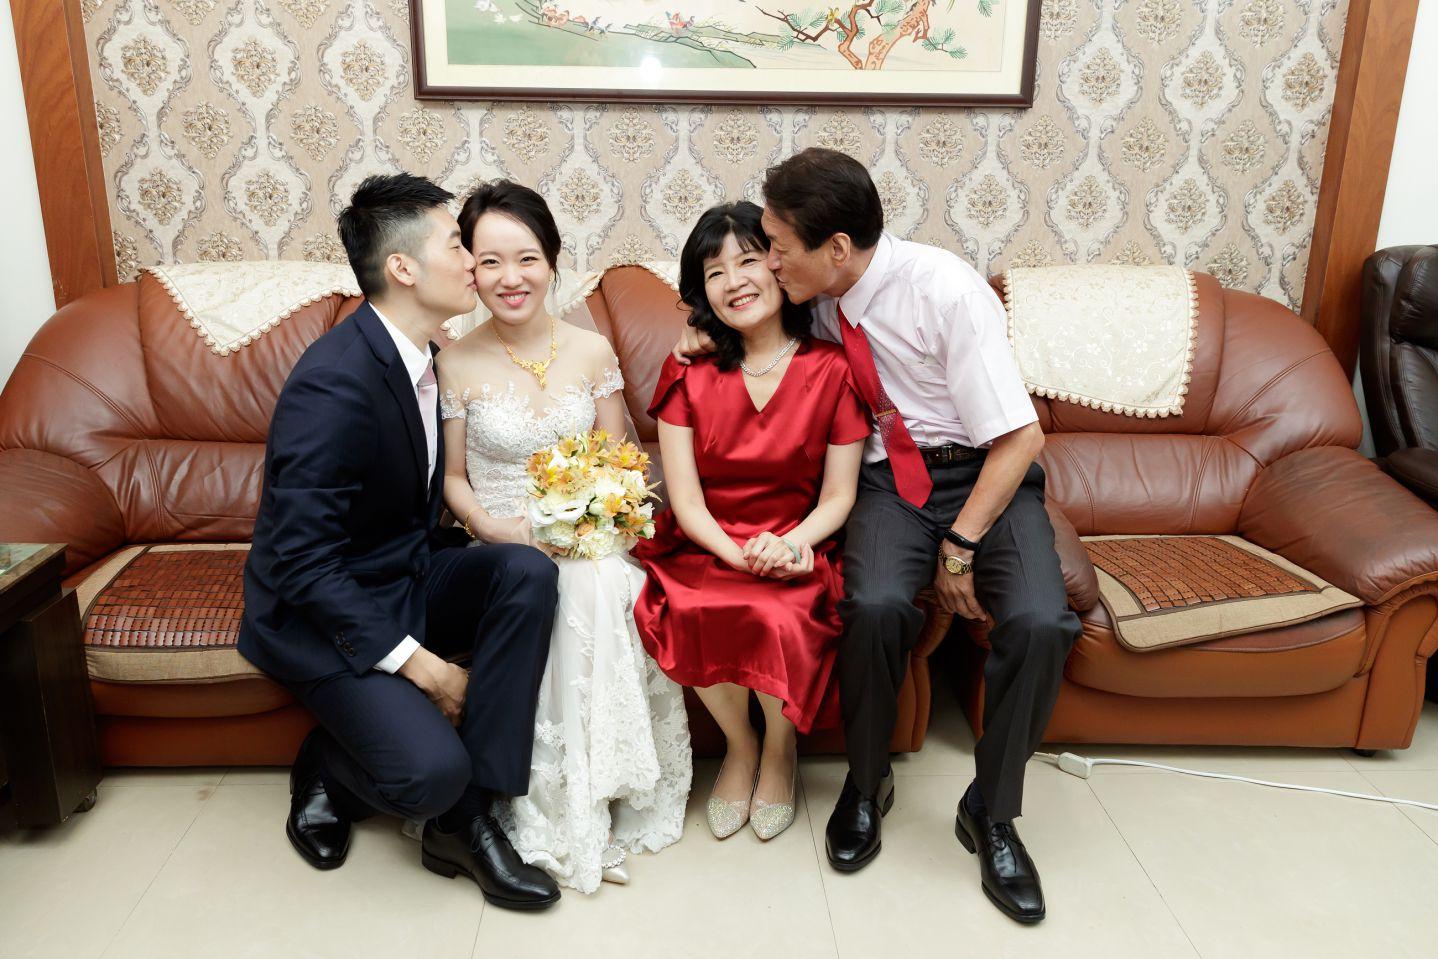 合照姿勢引導-夫妻情侶一起接吻